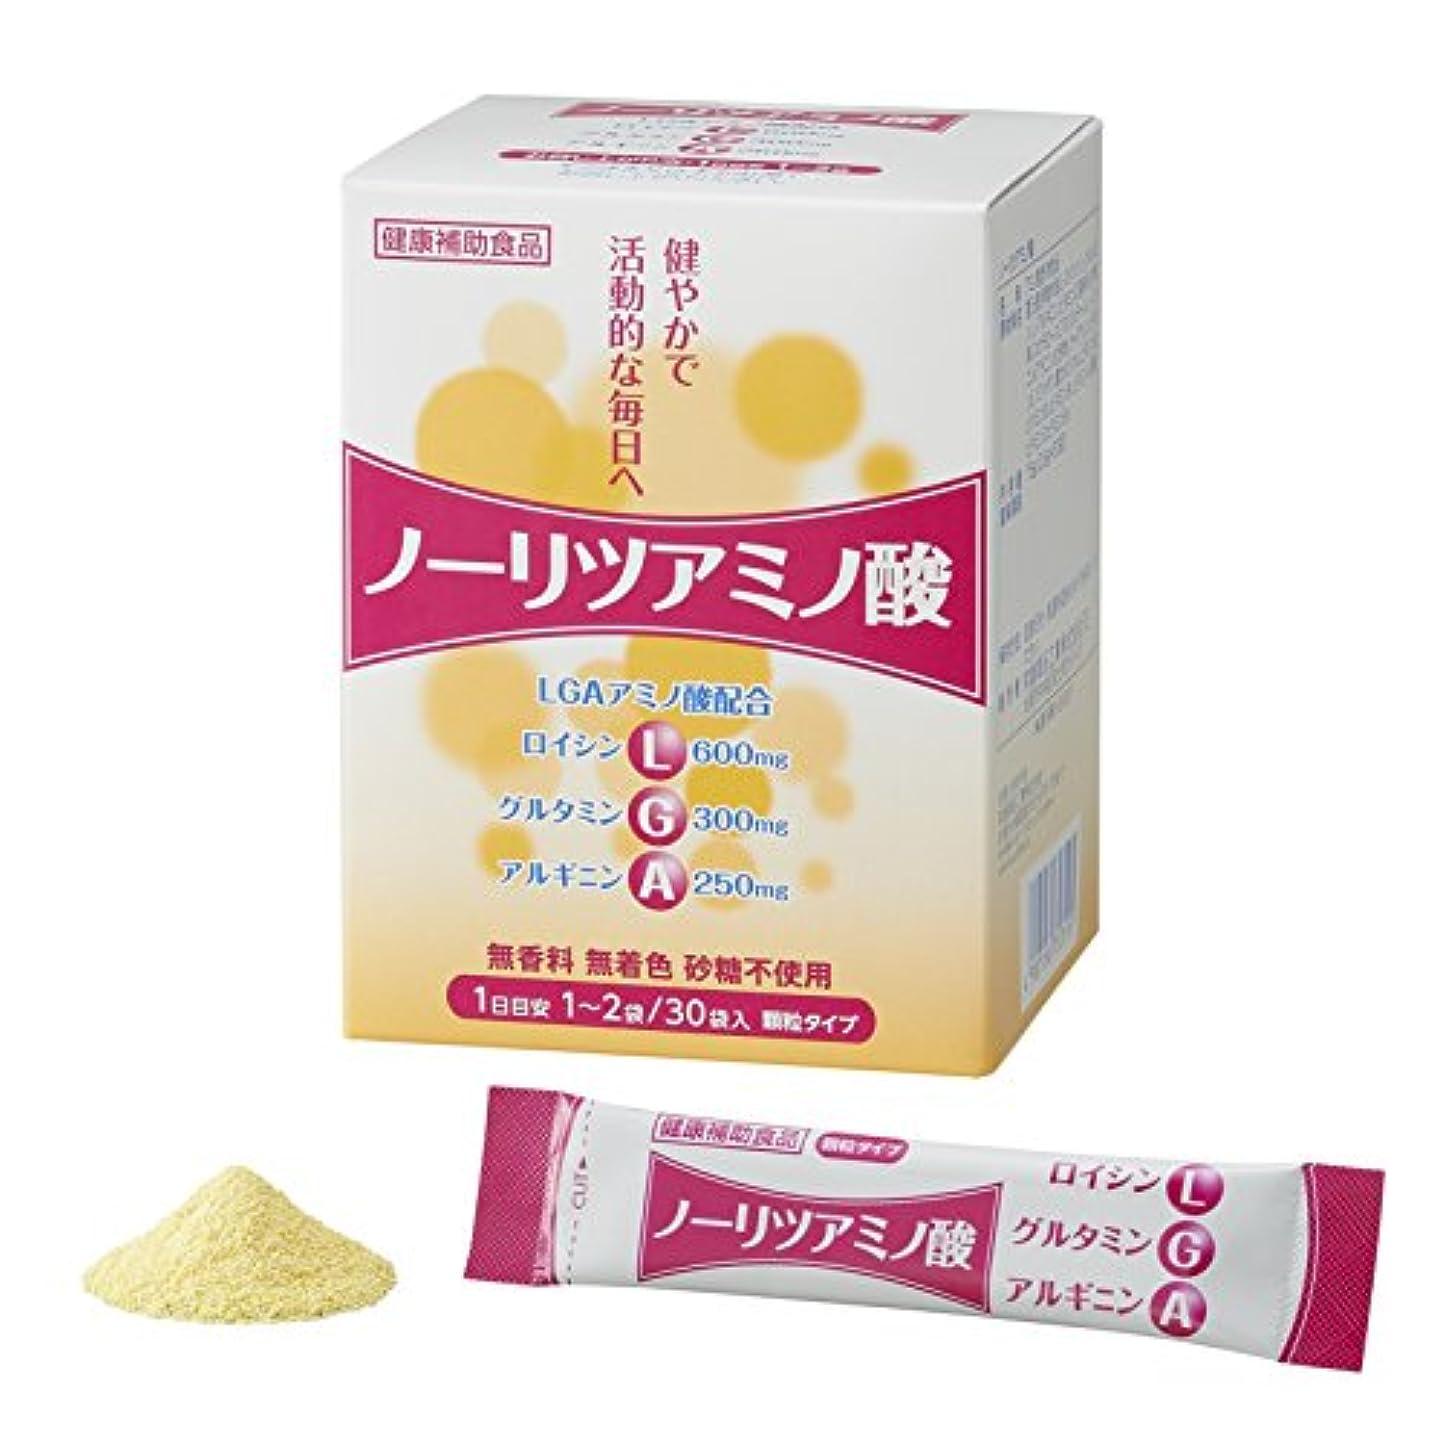 きらめき統治するすごいトキワ ノーリツアミノ酸(2.5g x 30袋入)